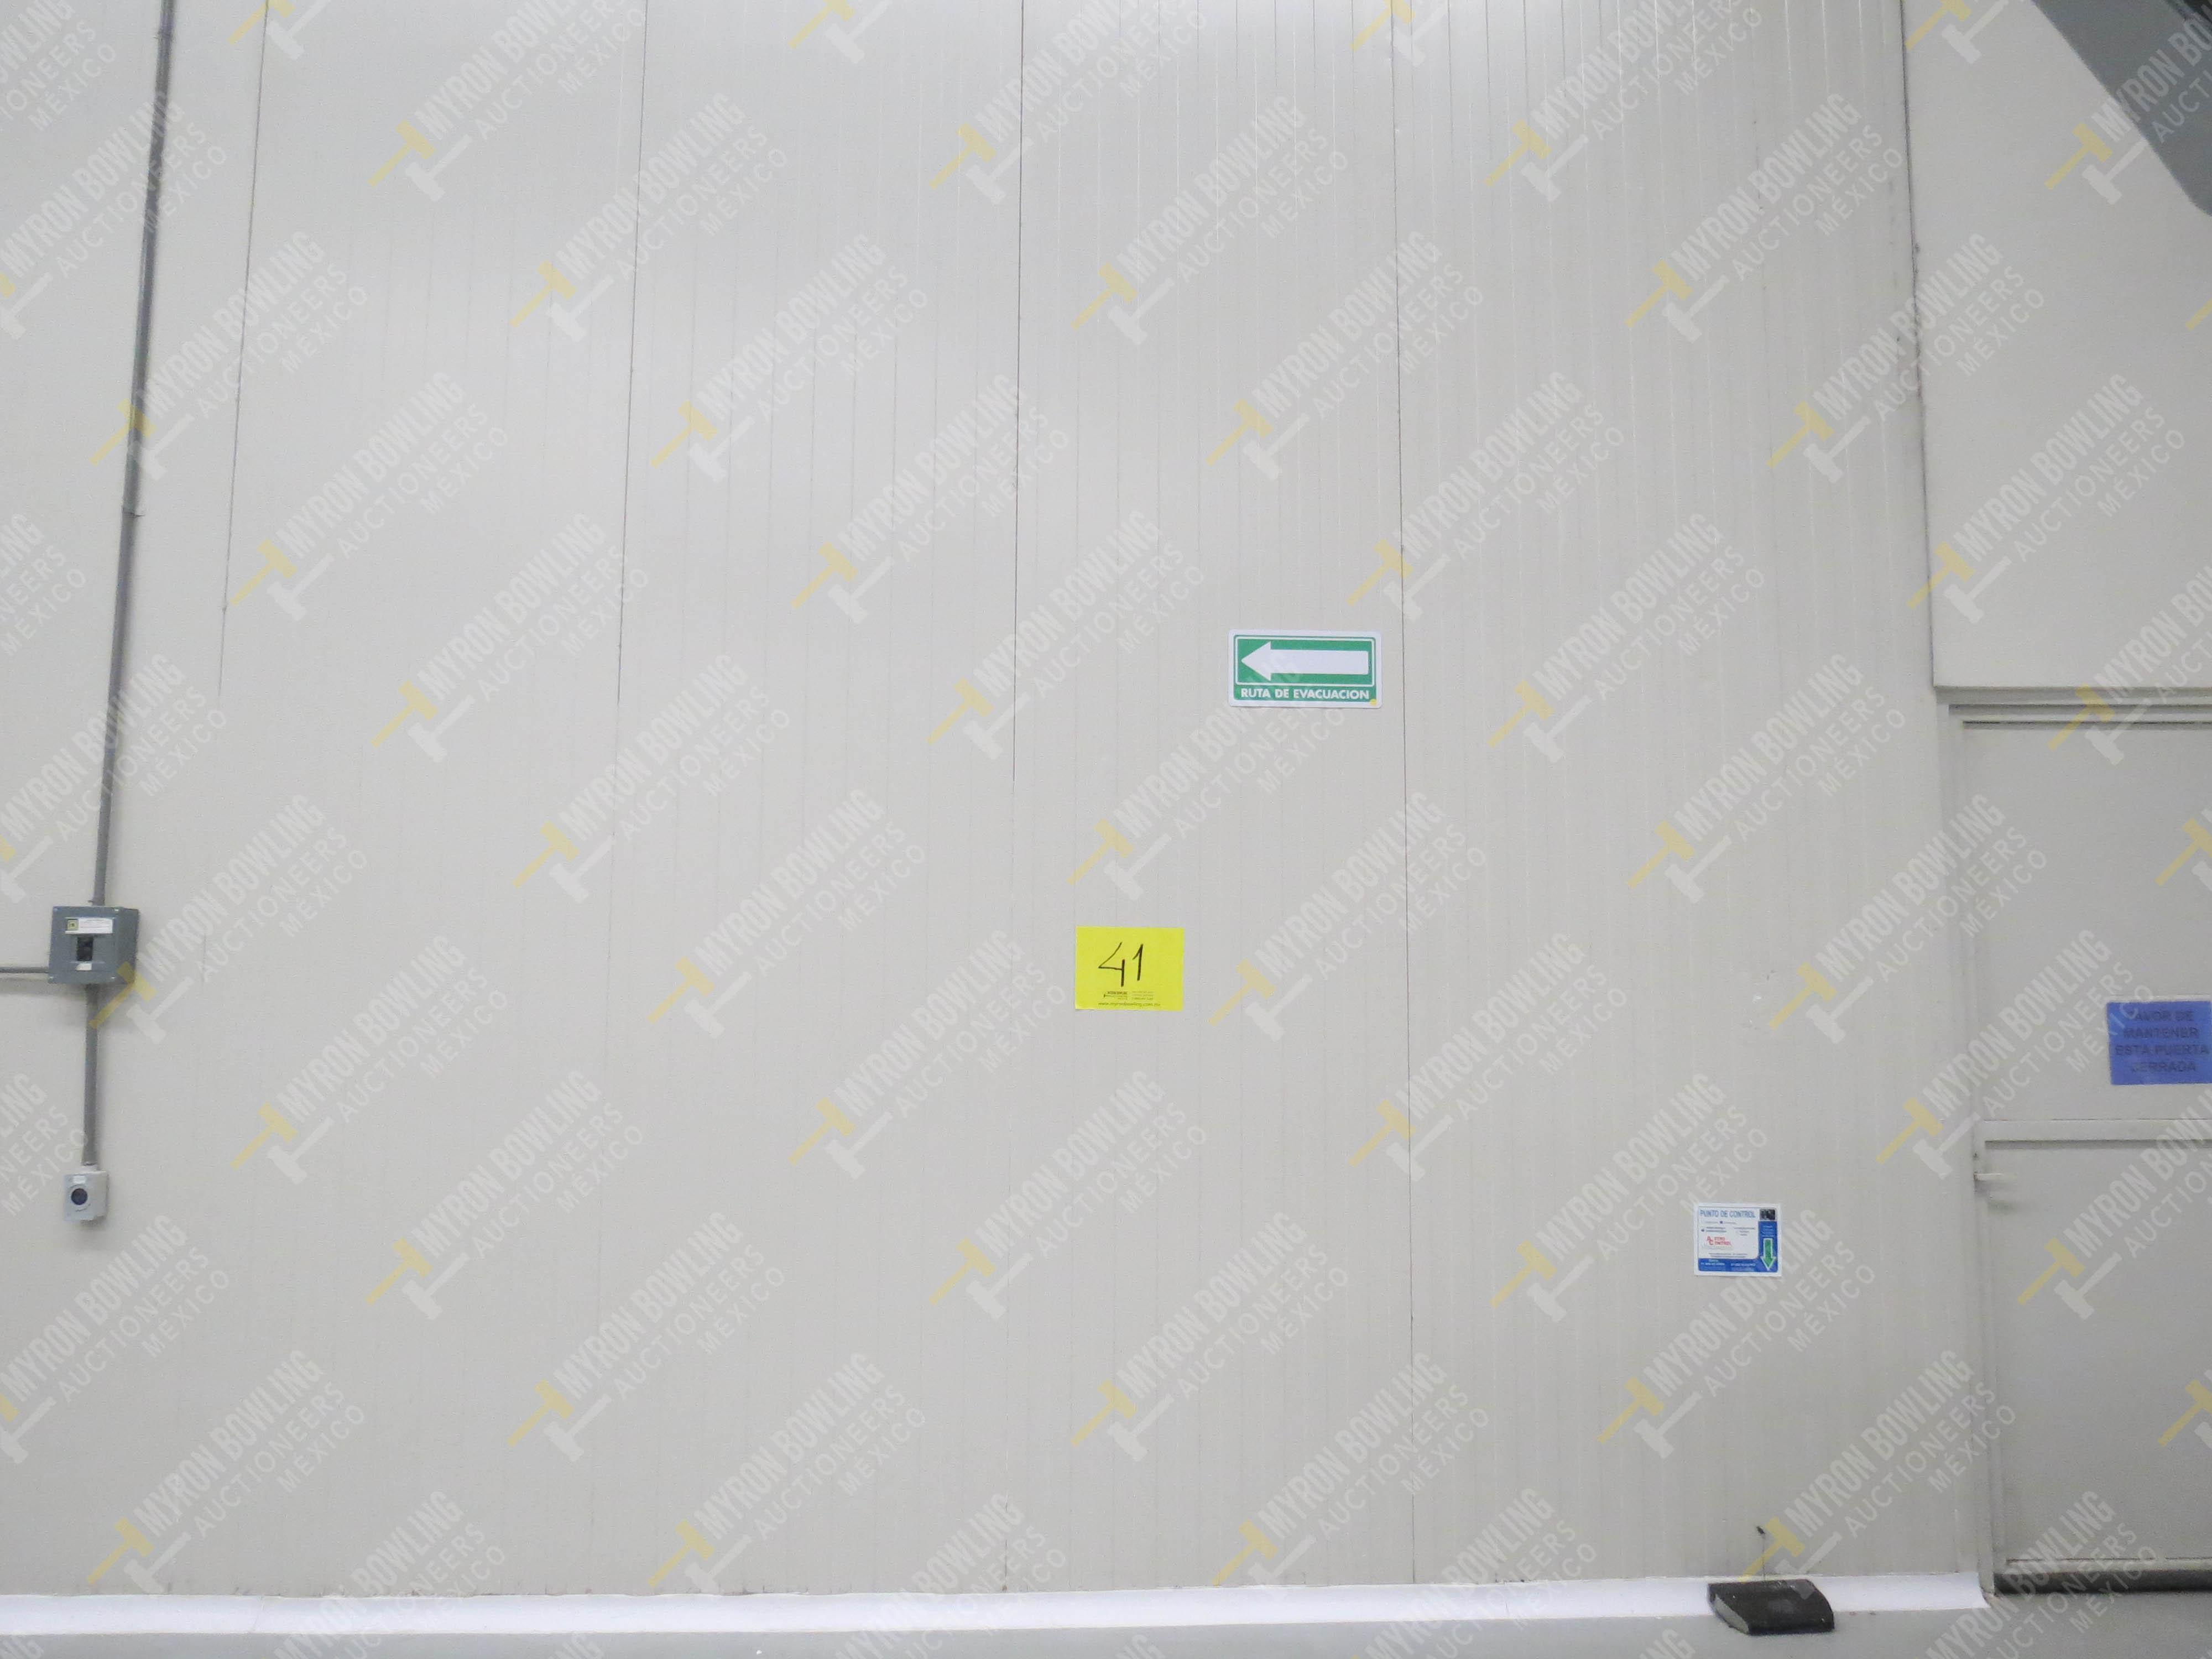 Cámara de refrigeración marca Krack, Modelo CSD-0301-L4K-133DD medidas 6.80 x 13.30 x 5.80 - Image 4 of 15